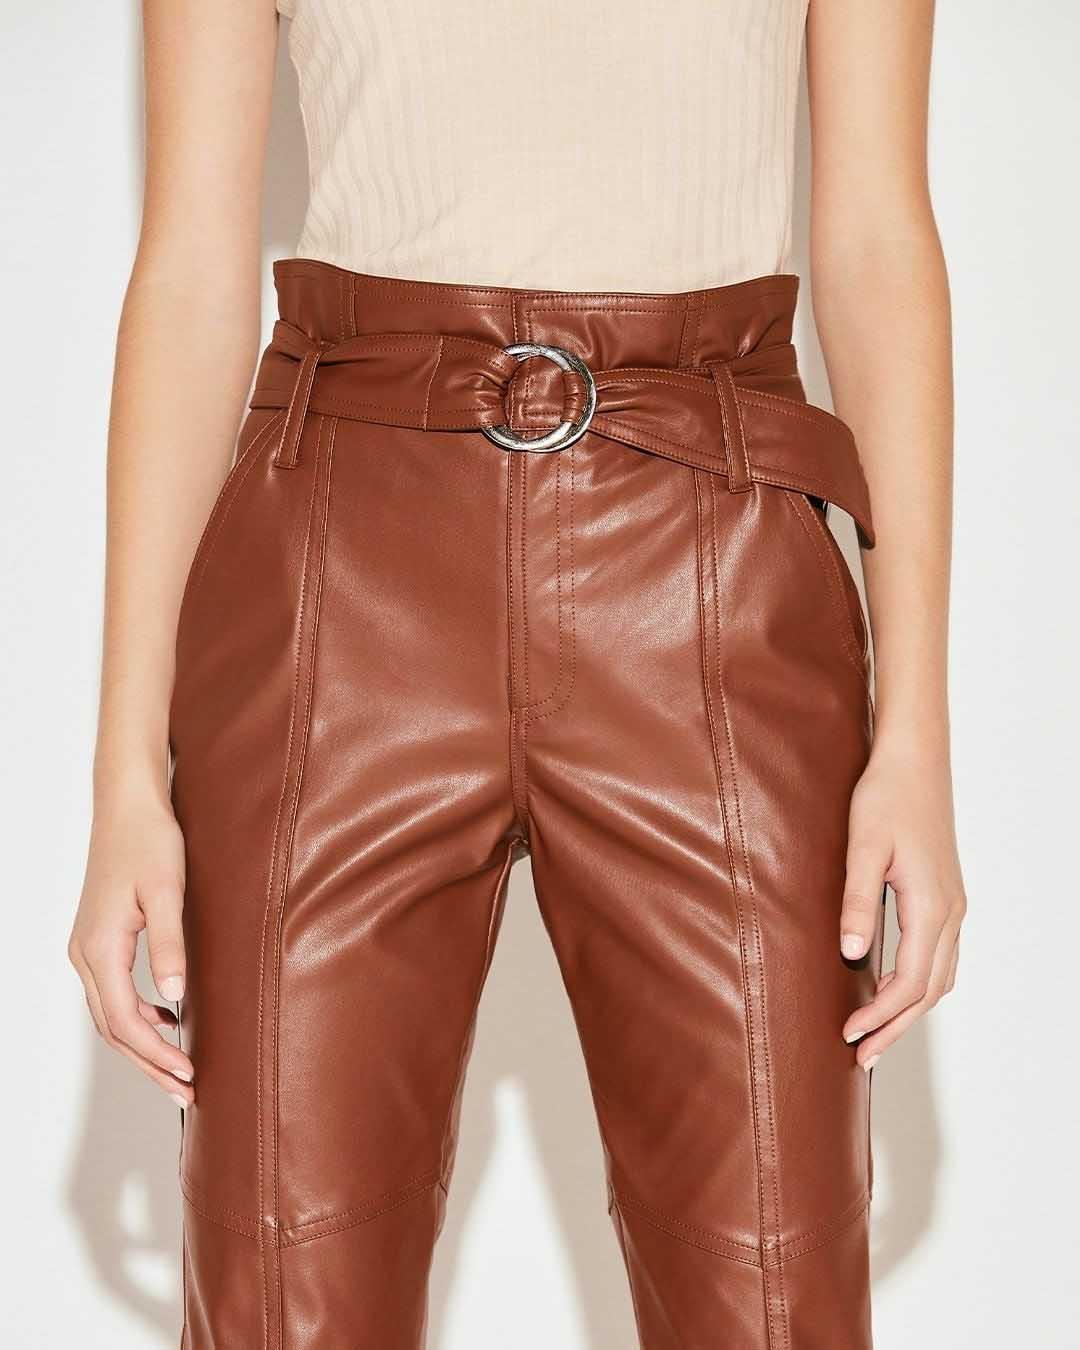 pantalones de cuero y engomados invierno 2021 moda mujer